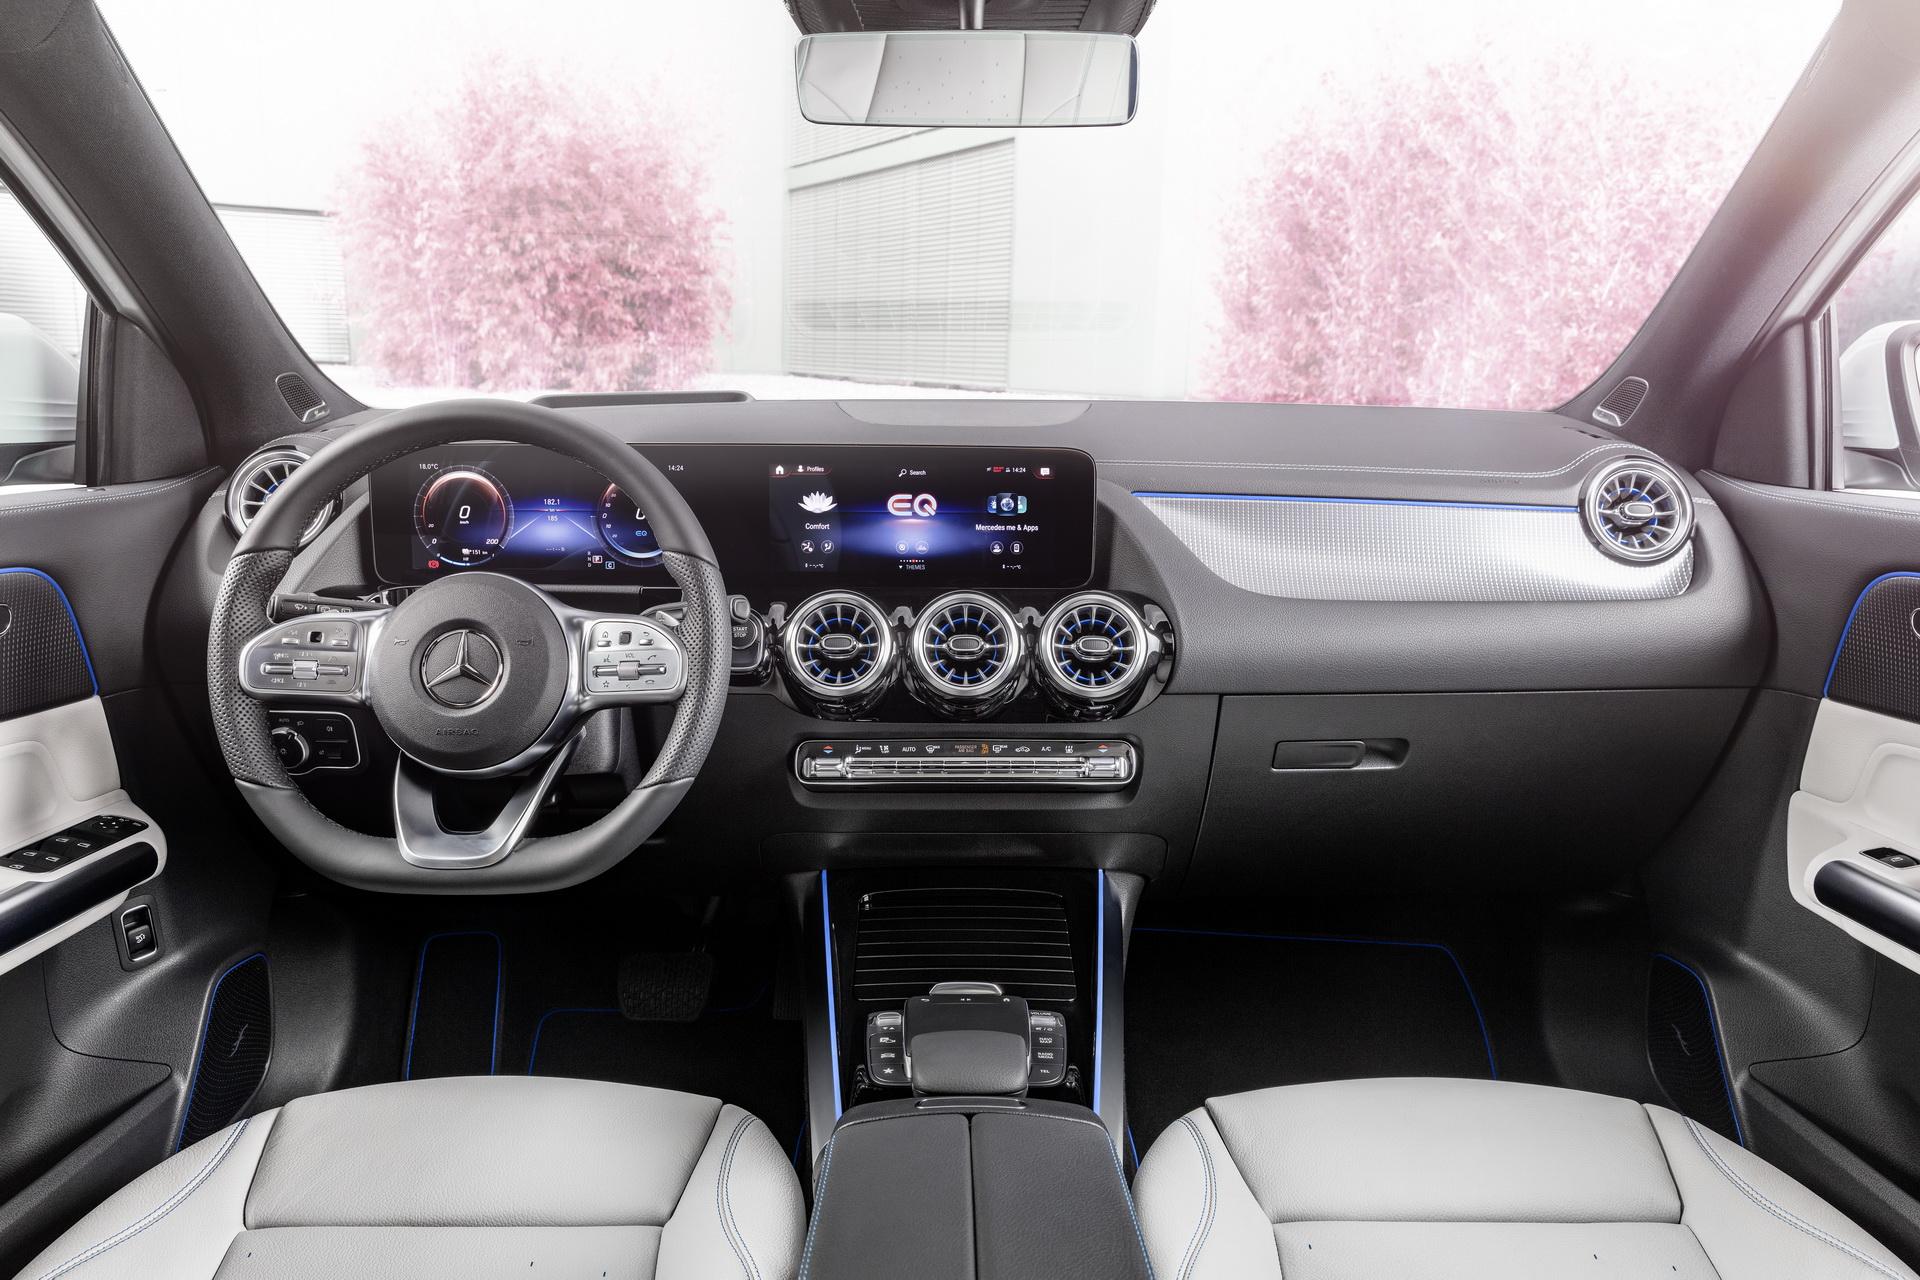 Mercedes EQA 2021 – Xe điện nhỏ nhất và hợp túi tiền nhất của ngôi sao ba cánh 2021-mercedes-eqa-250-14.jpg